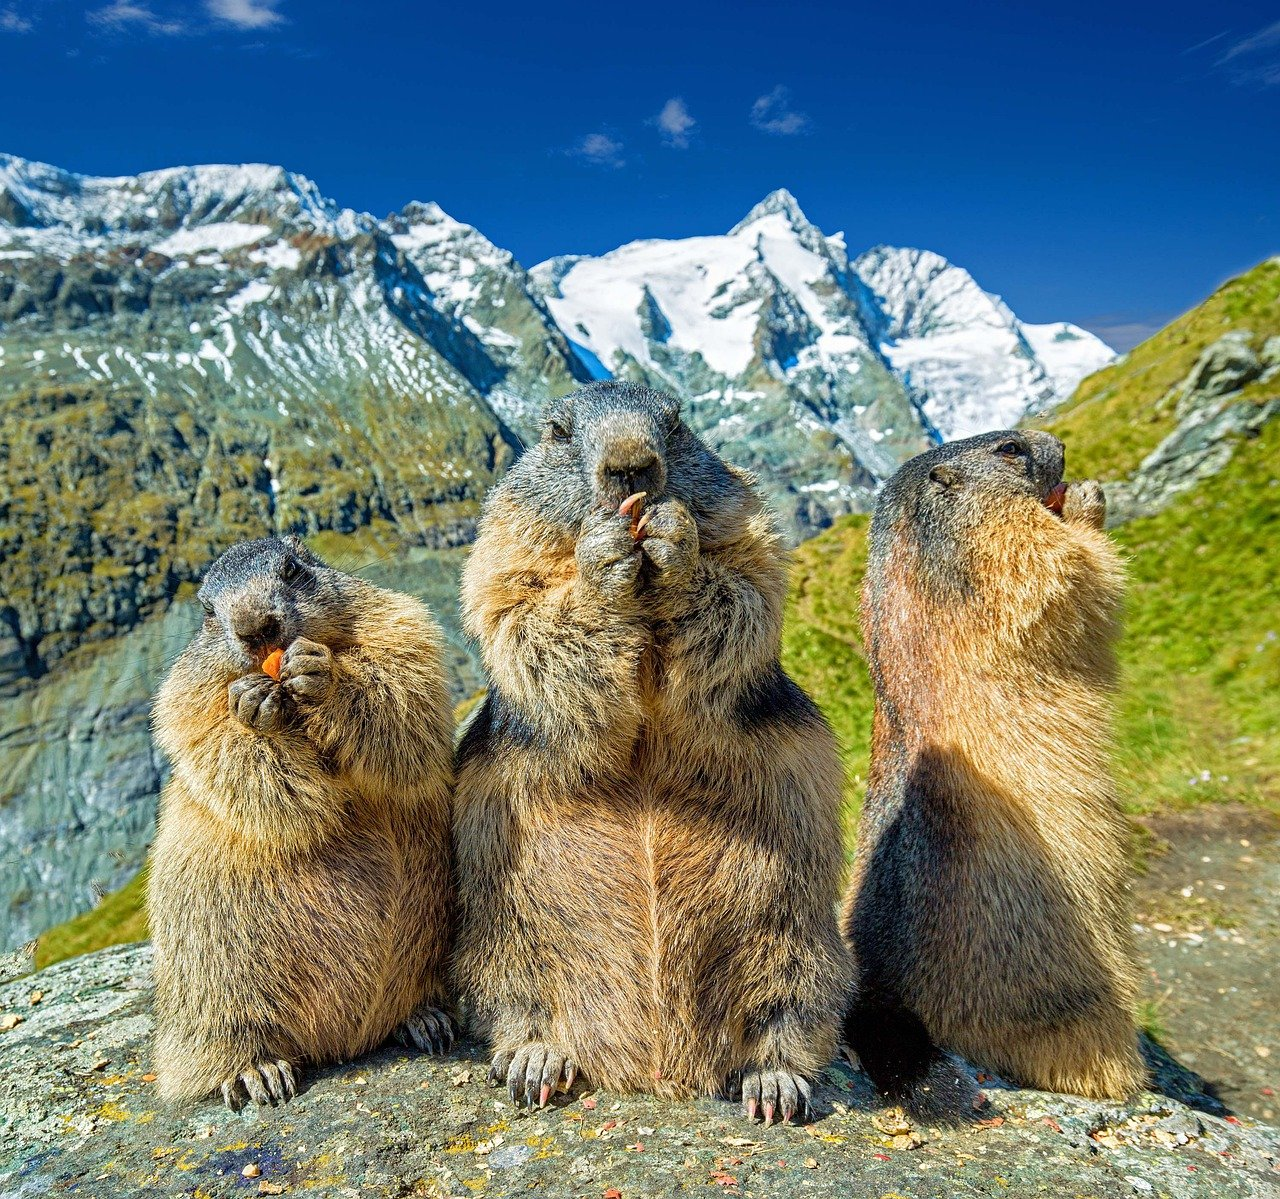 Mampf, mampf, mampf – wer sein Gewicht so wie diese Murmeltiere bis zum Herbst verdoppeln muss, der hat natürlich ordentlich Hunger. Fotocredit: © Julius Silver/Pixabay